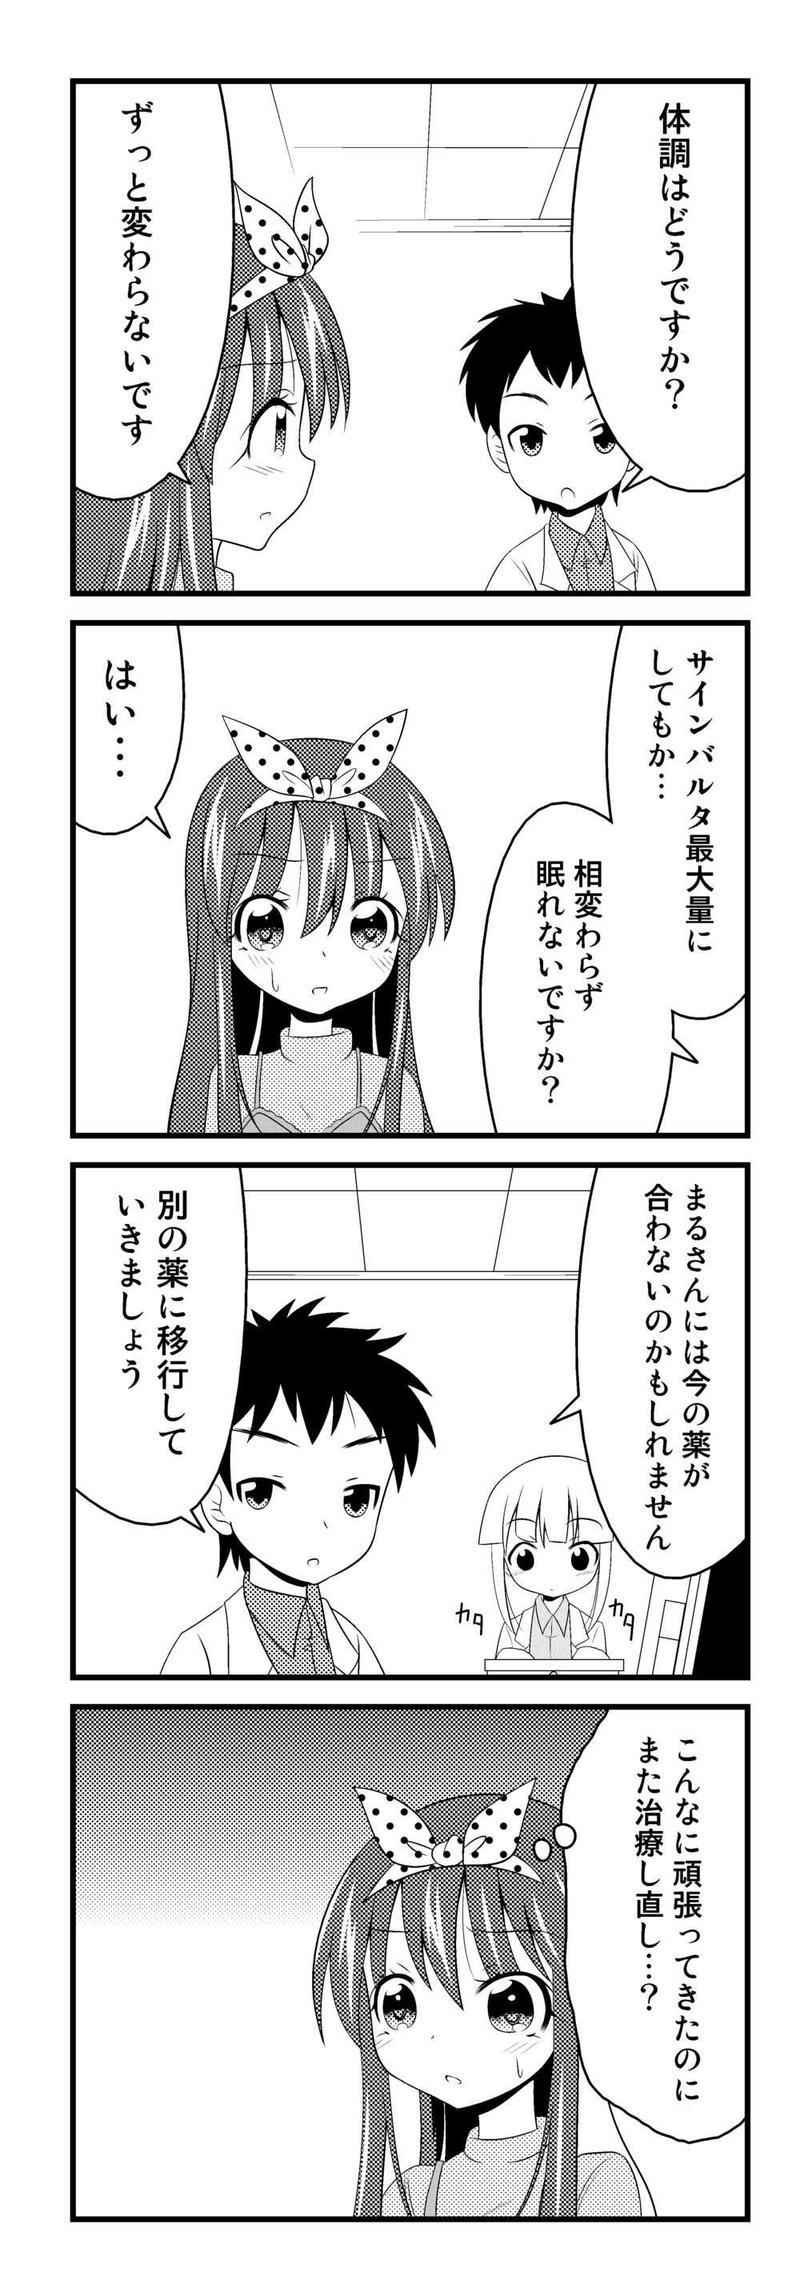 診察編10